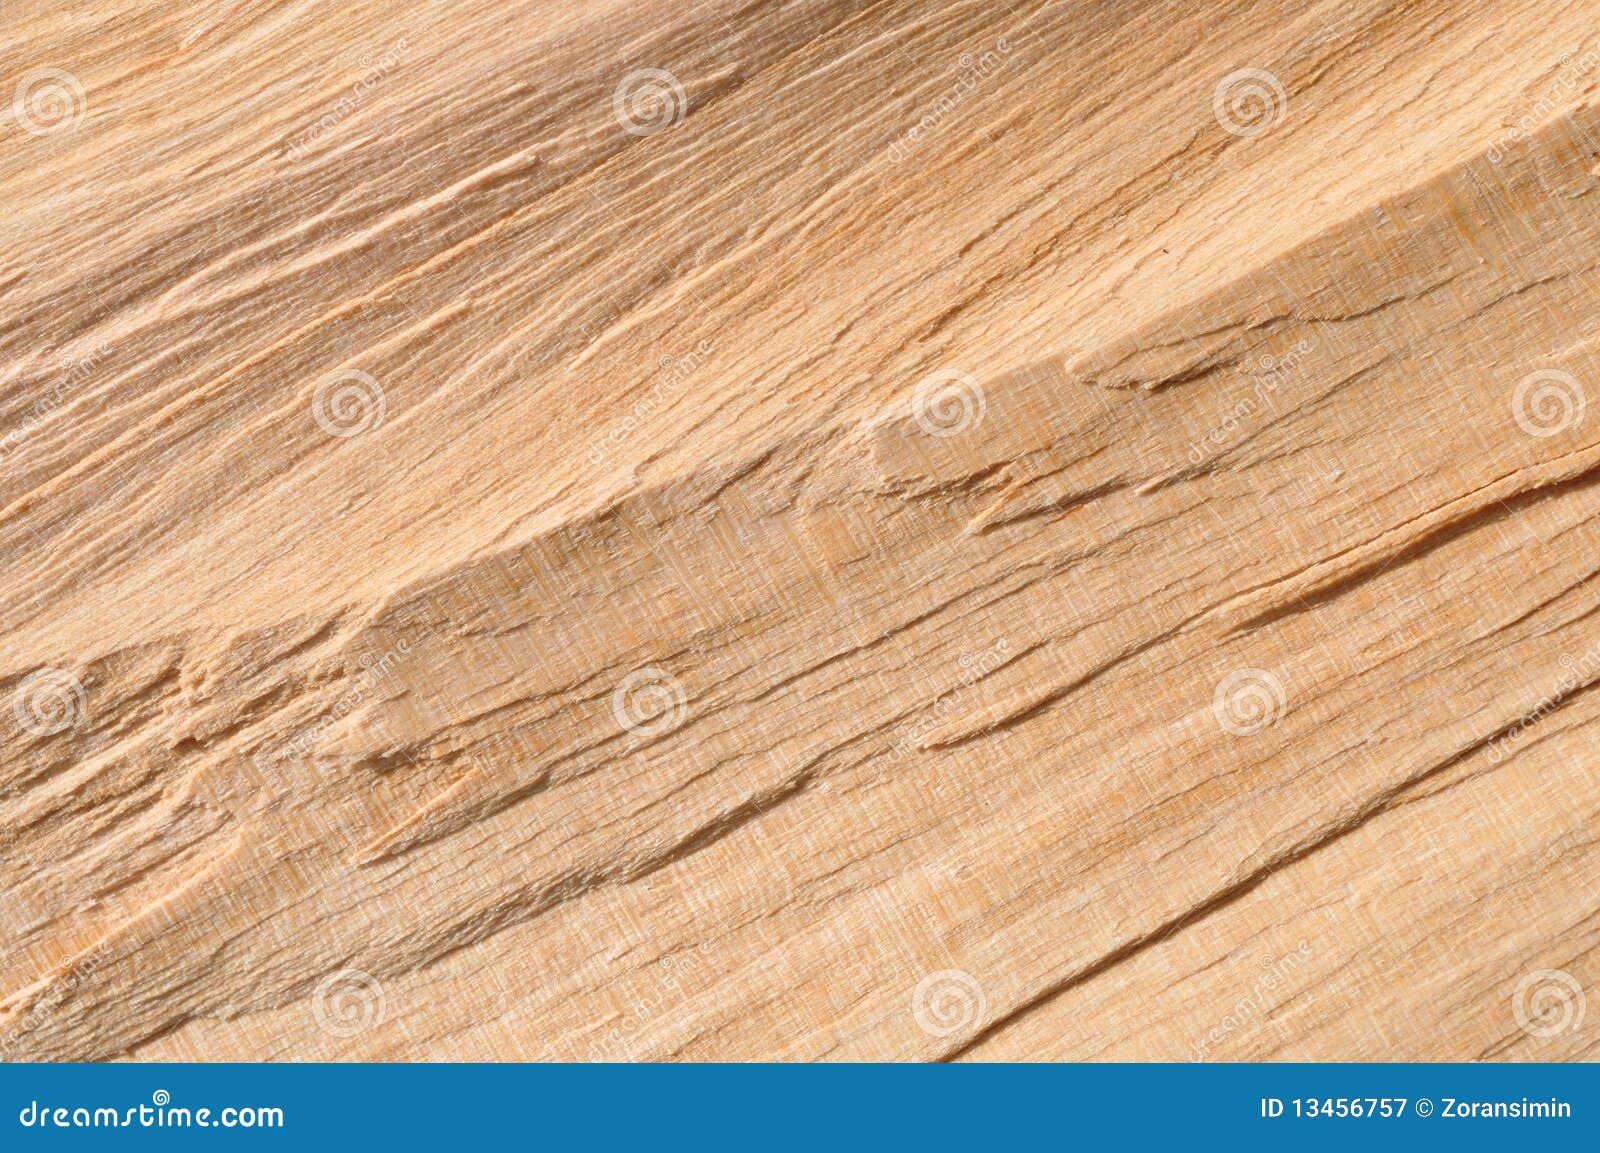 wood background royalty free - photo #15